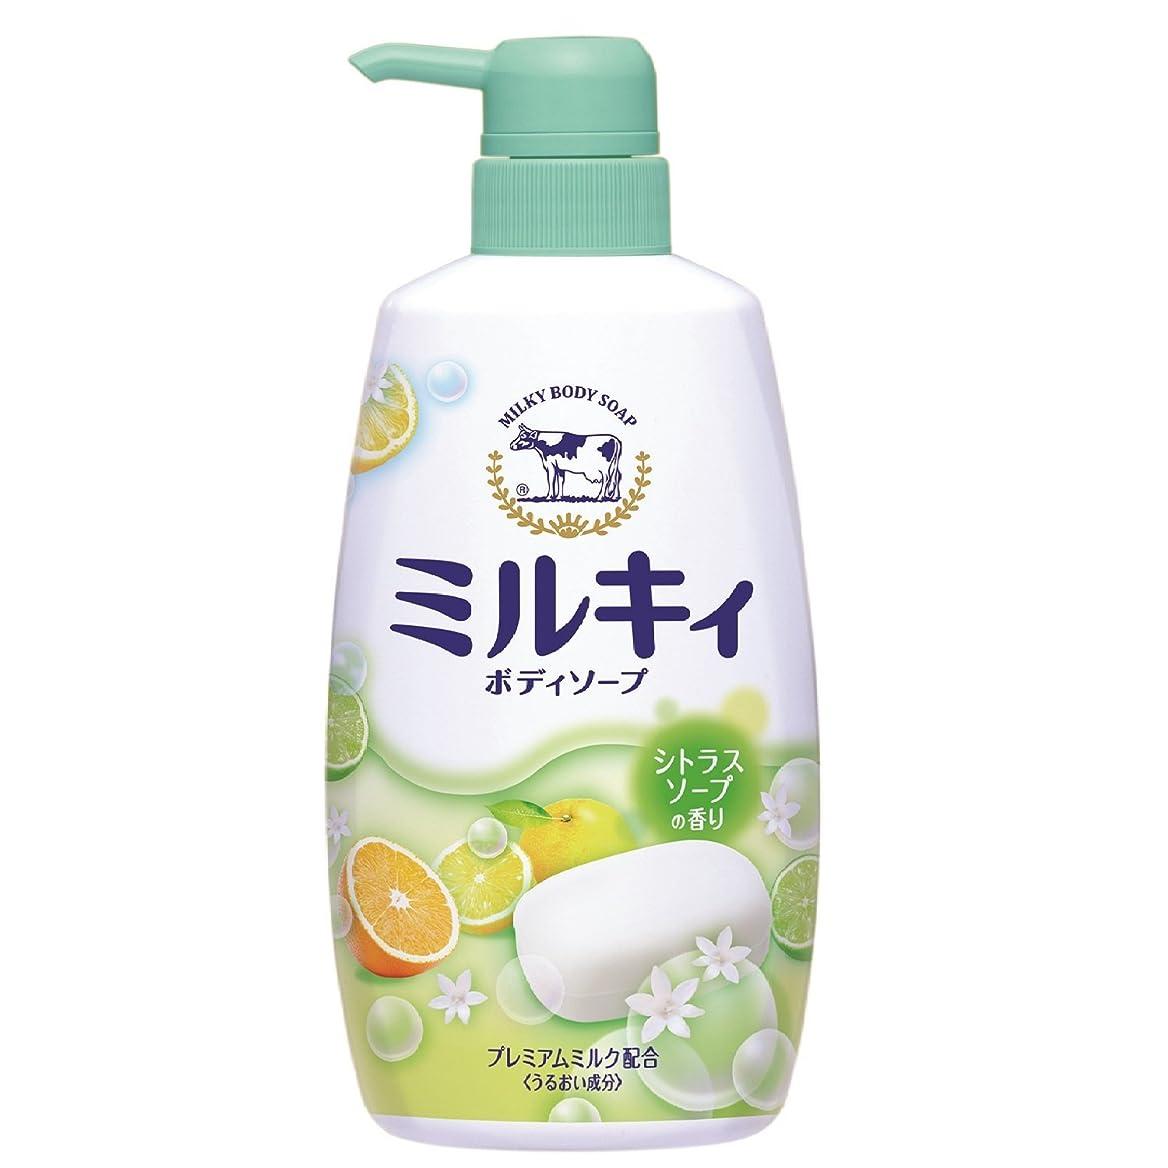 広がりの量豊富ミルキィボディソープシトラスソープの香り ポンプ  550mL